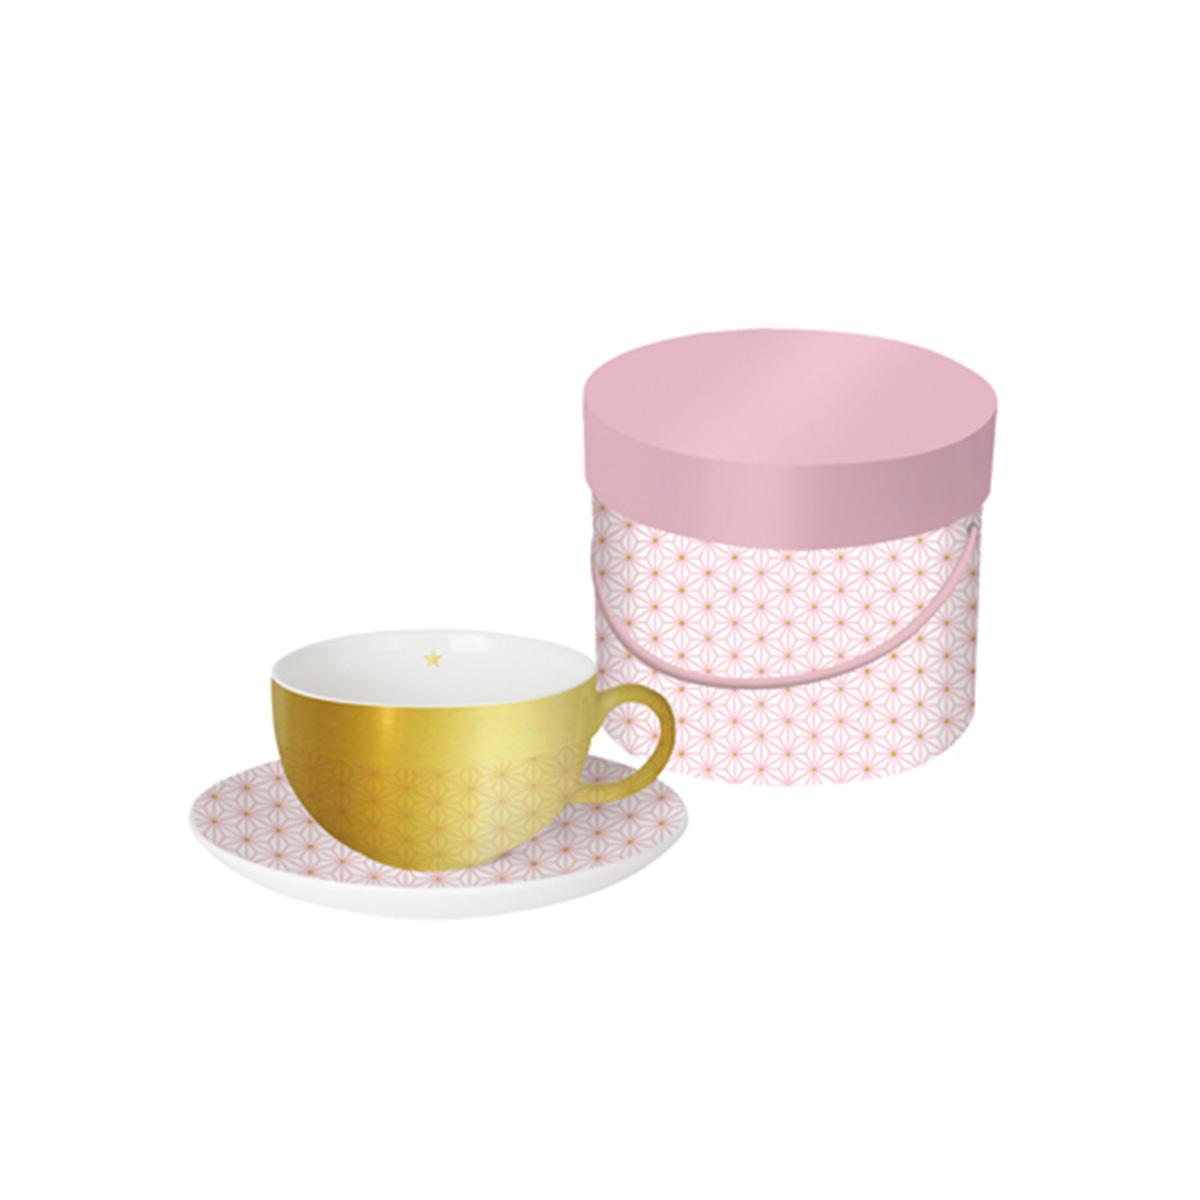 šolja za kafu roze zlatna 603377